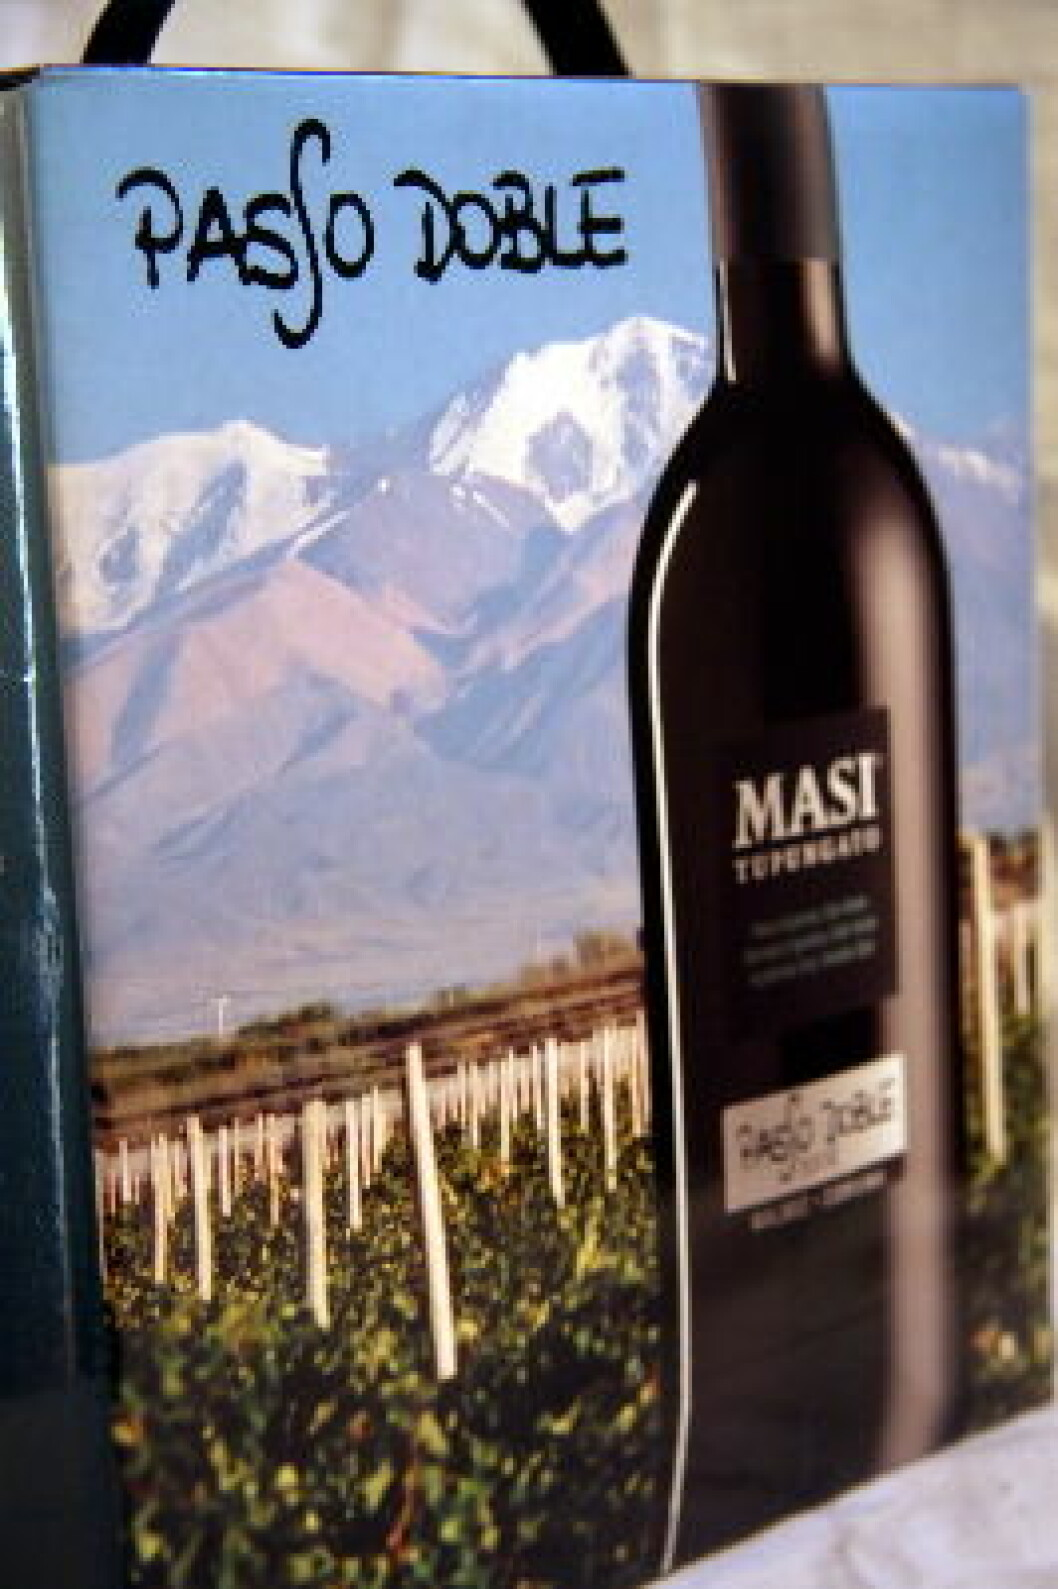 2008-årgangen av Masis Passo Doble, på boks.